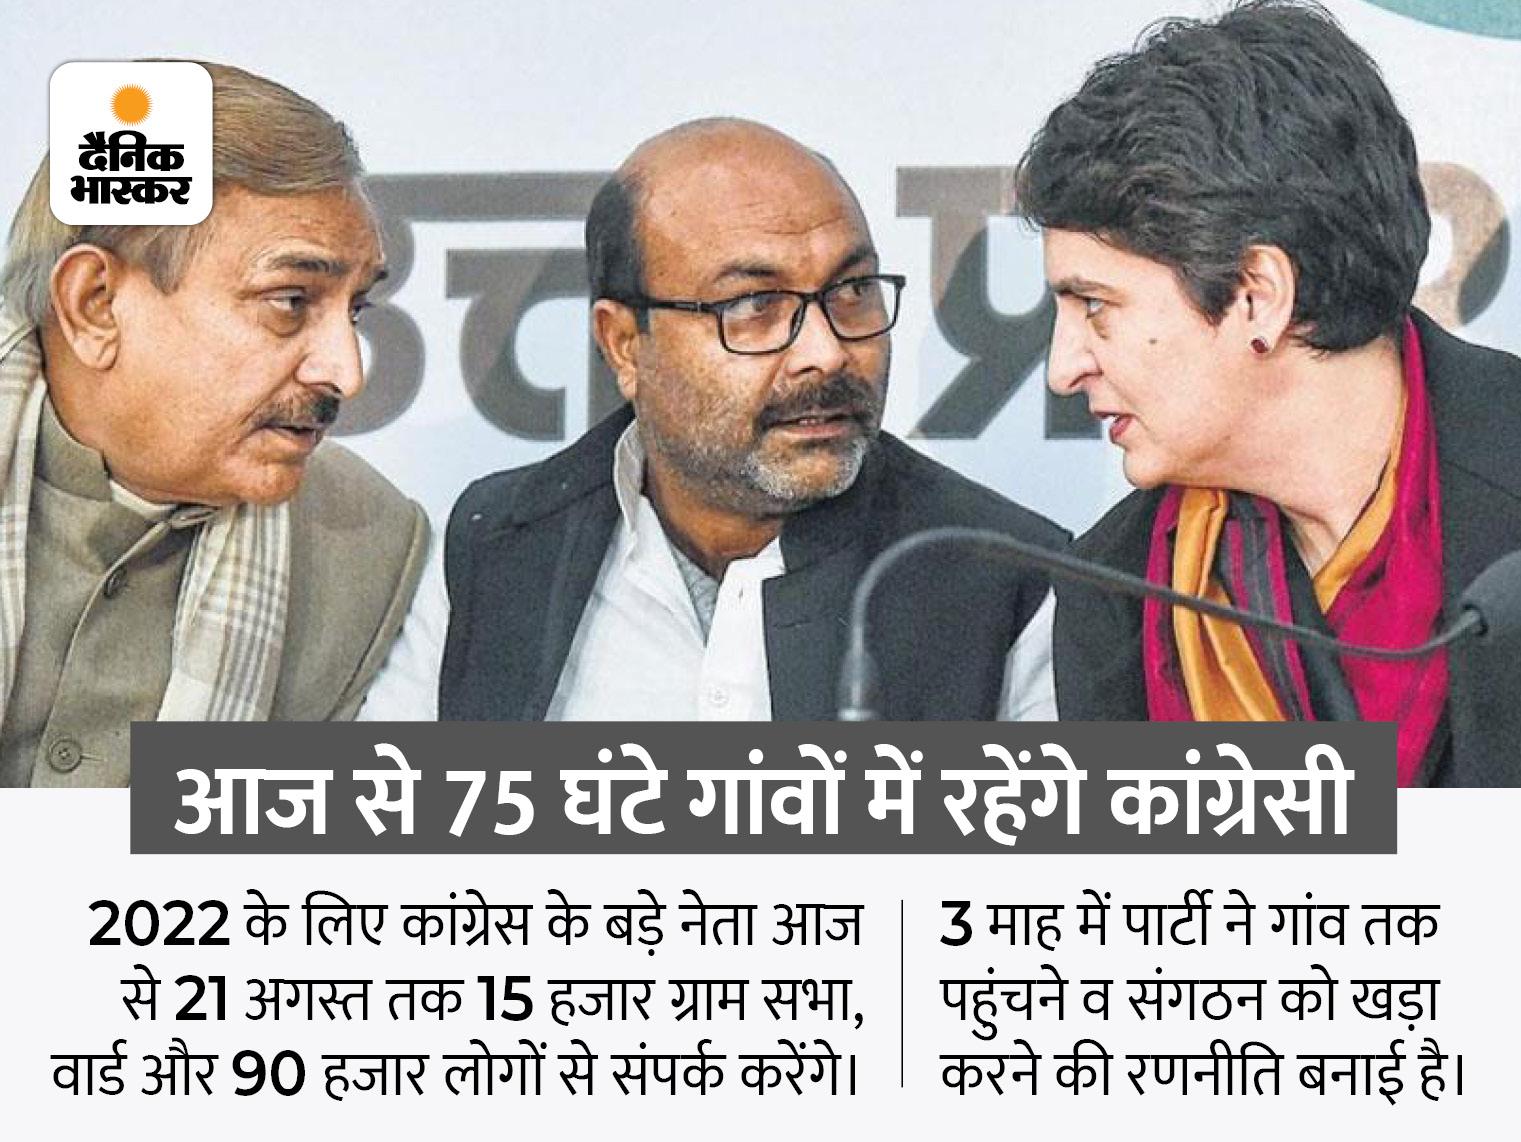 आजादी की 75वीं वर्षगांठ पर 75 घंटे गांवों में प्रवास करेंगे पार्टी के वरिष्ठ नेता, भाजपा की पोल खोलकर पूछेंगे- किसने बिगाड़ा UP? लखनऊ,Lucknow - Dainik Bhaskar